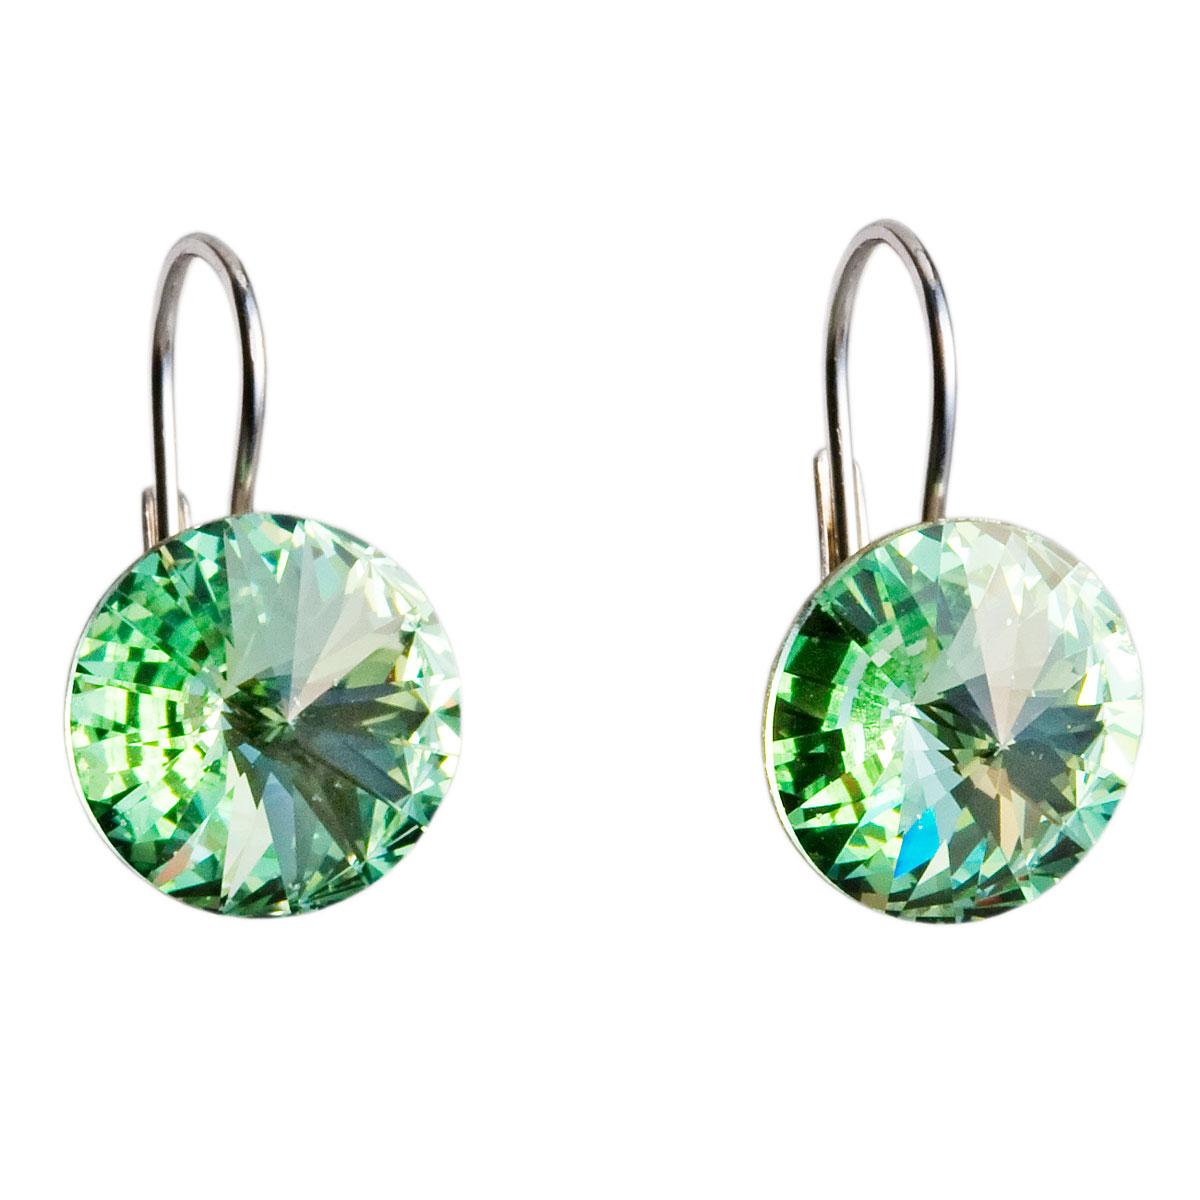 Evolution Group Stříbrné náušnice visací s krystaly zelené kulaté 31106.3